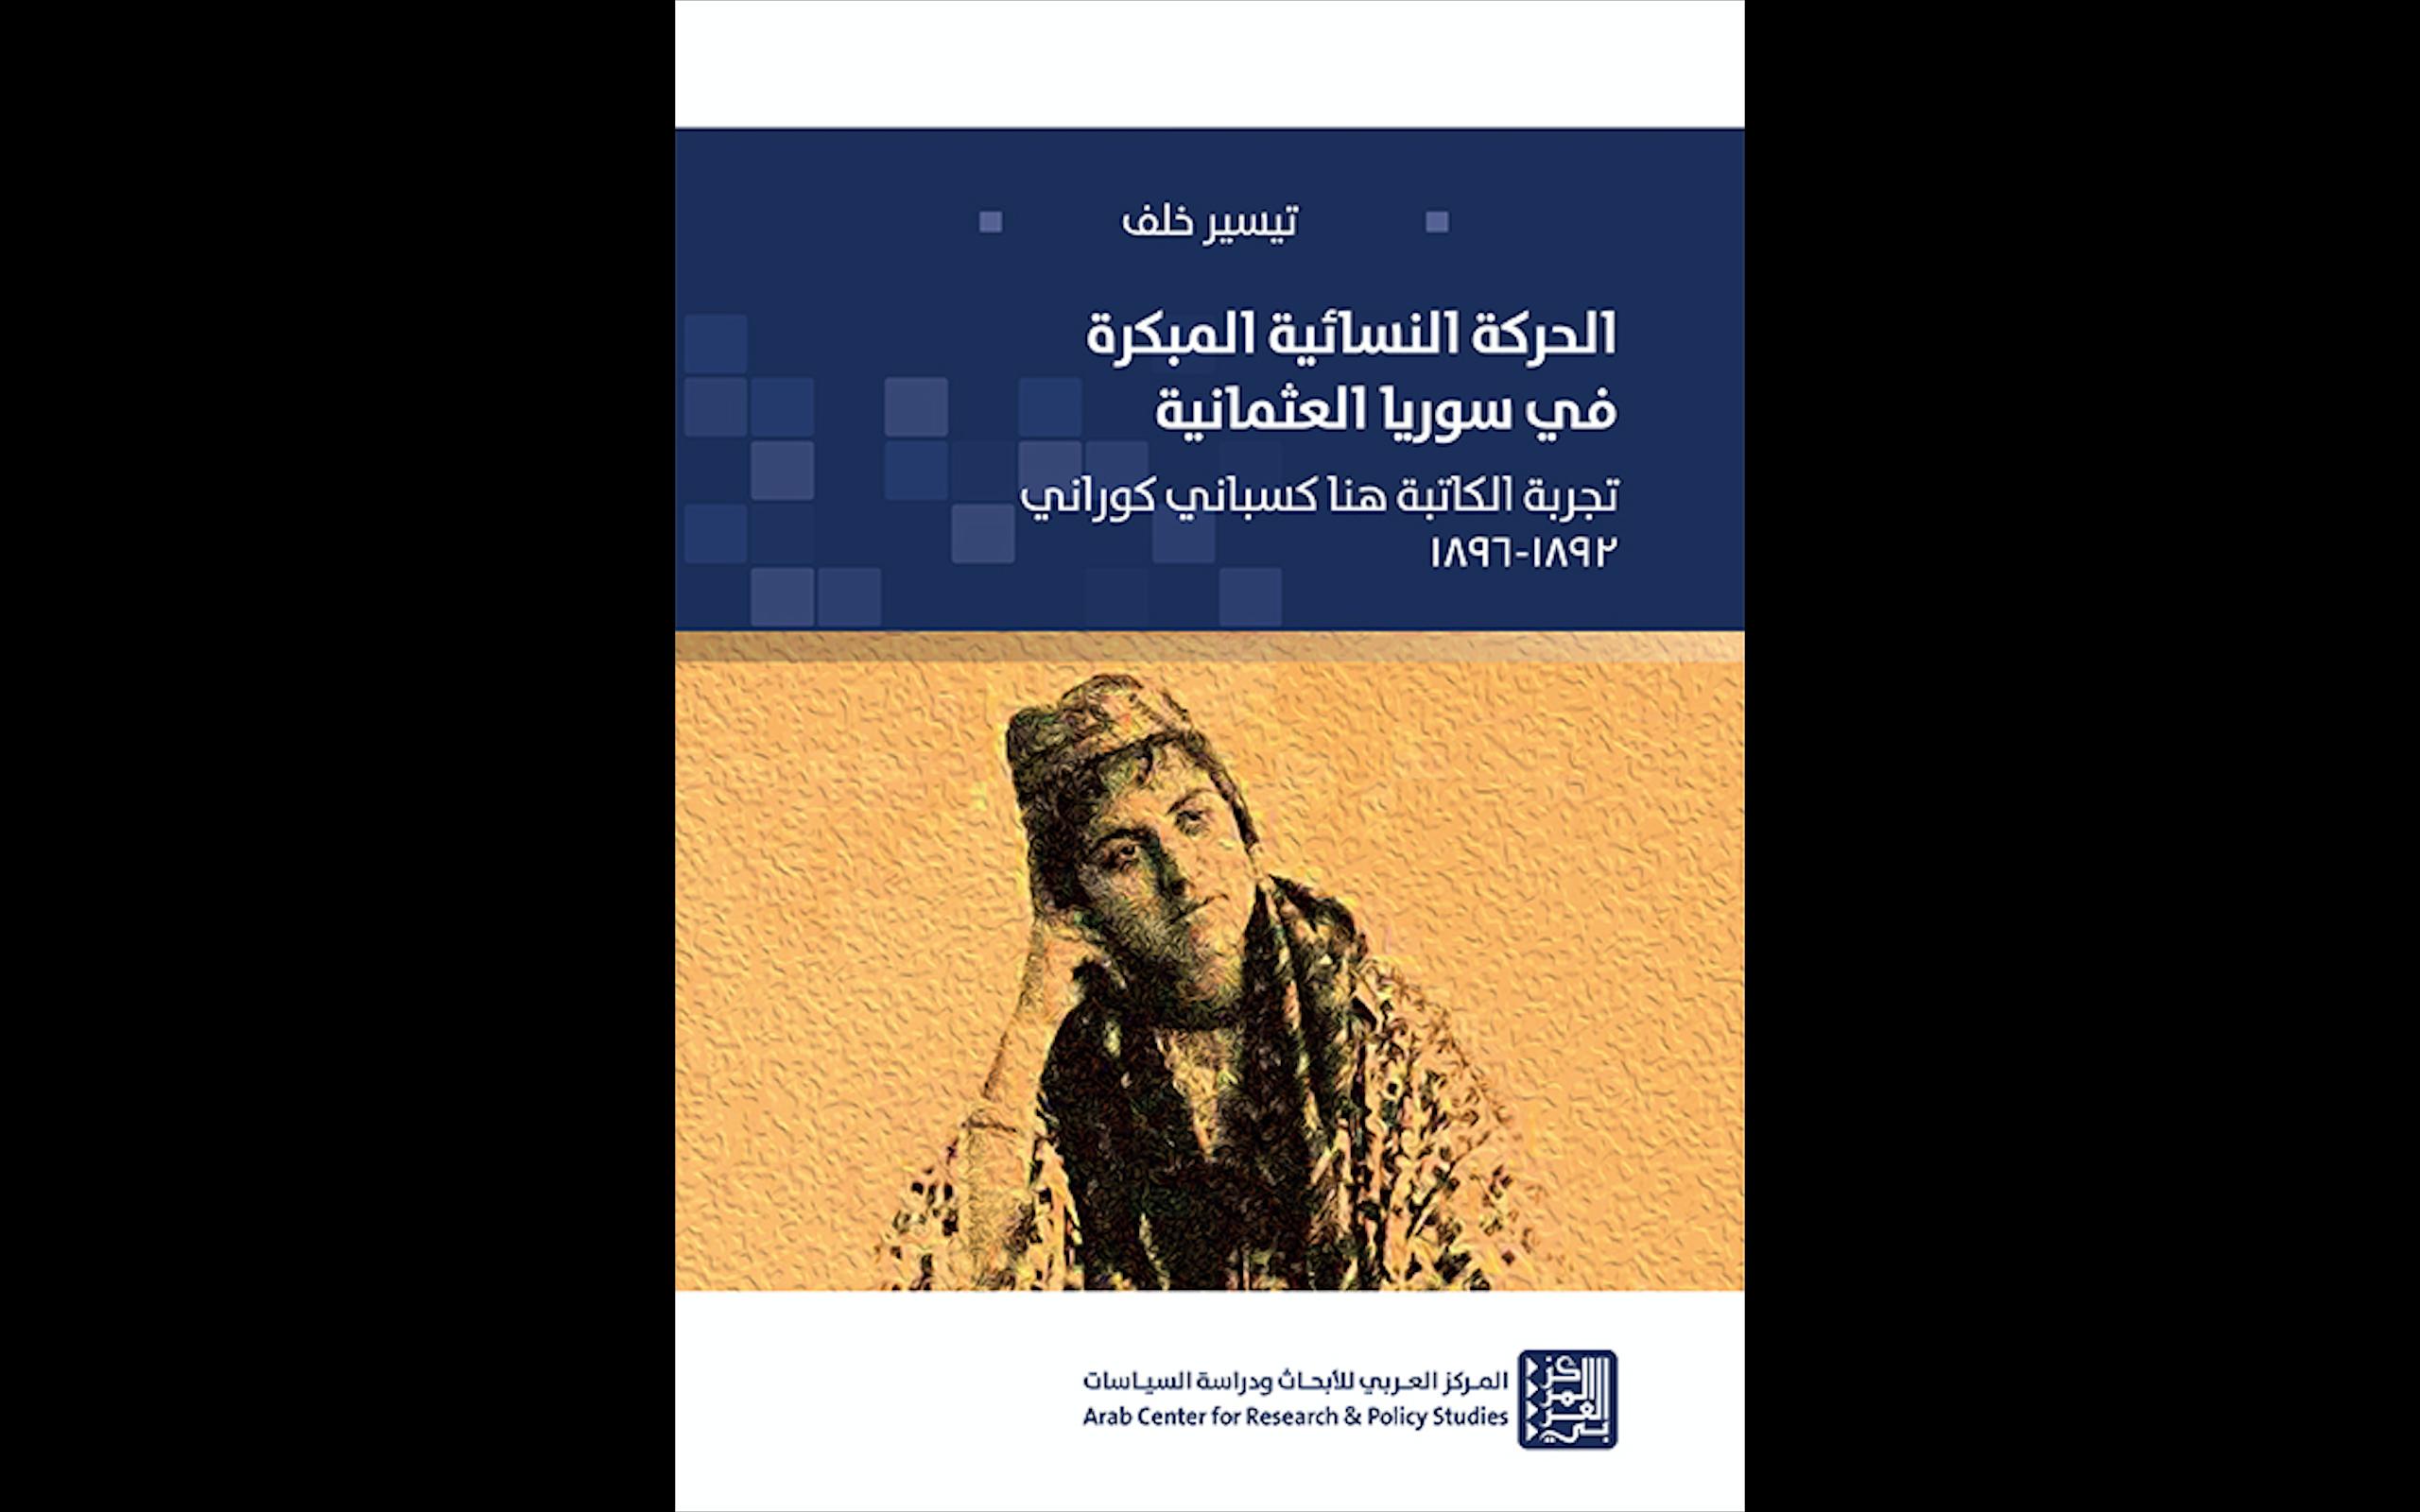 جديد: «الحركة النسائية المبكرة في سوريا العثمانية: تجربة الكاتبة هنا كسباني كوراني 1892-1896»